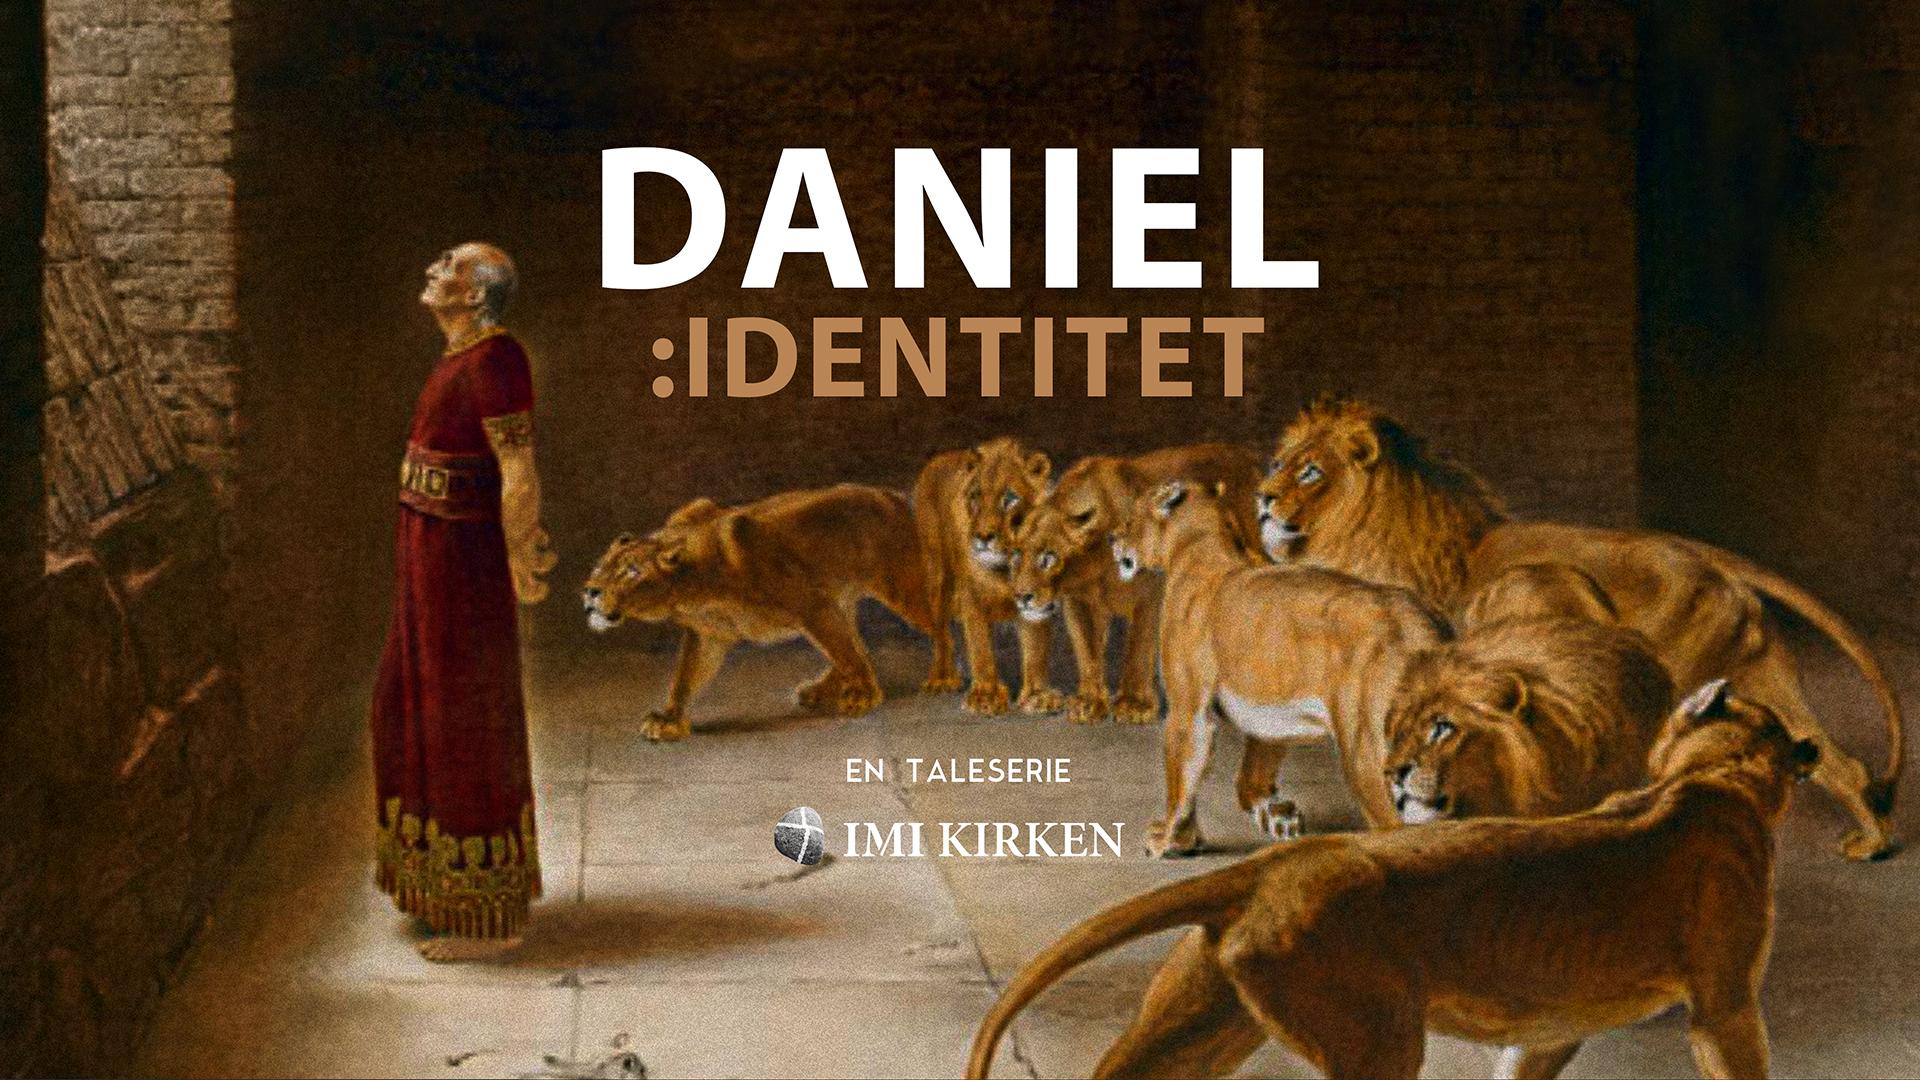 DANIEL-IDENTITET-Taleserie høsten 2017-storskjerm.jpg